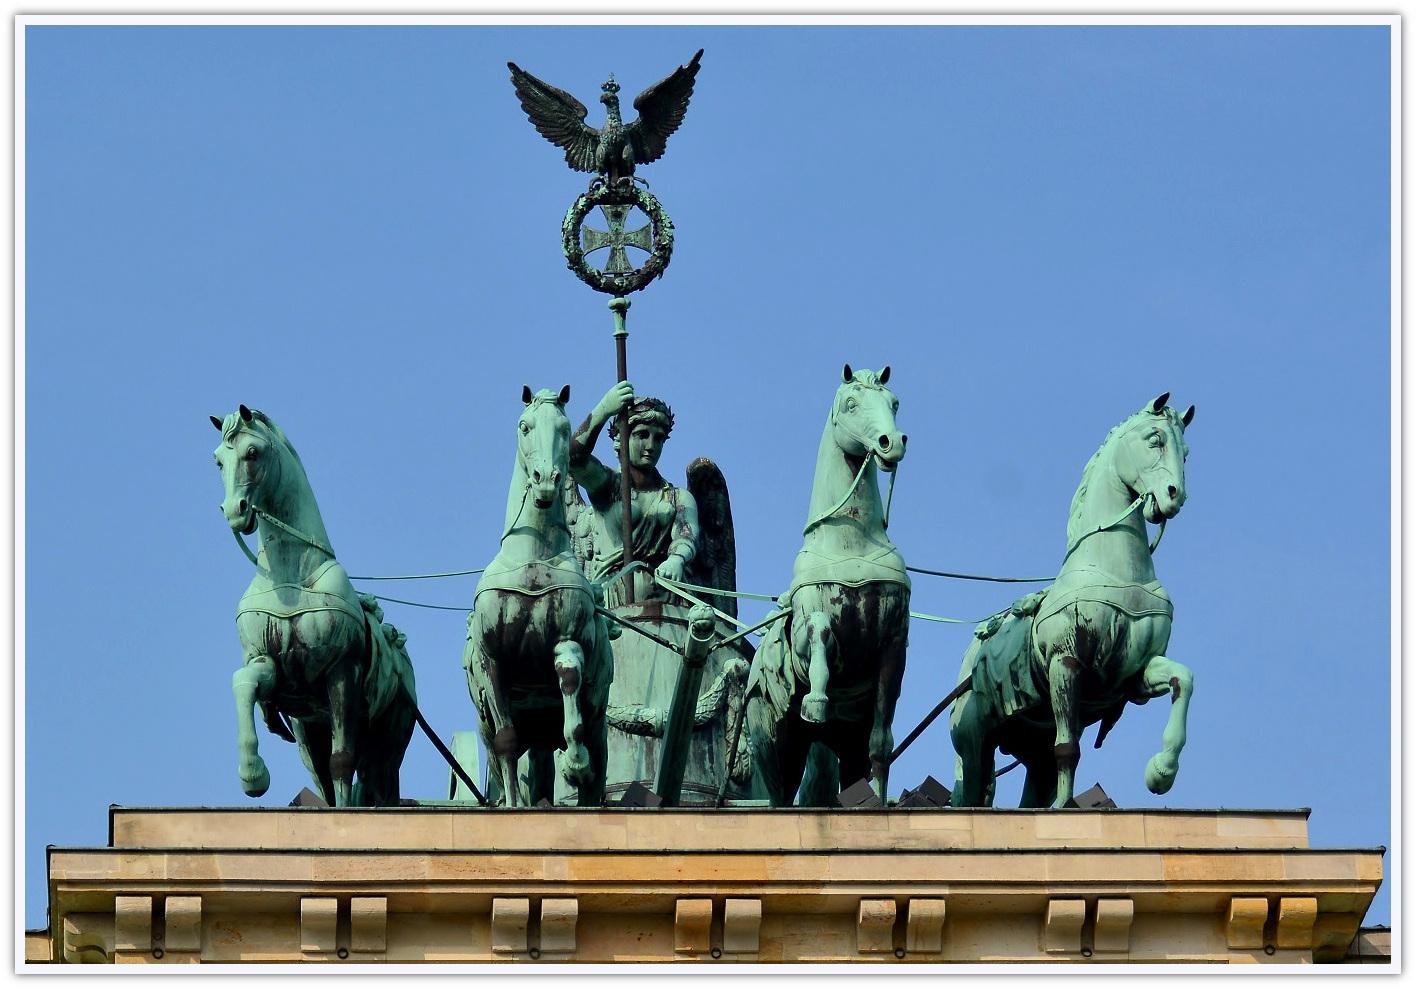 Quadriga in Berlin